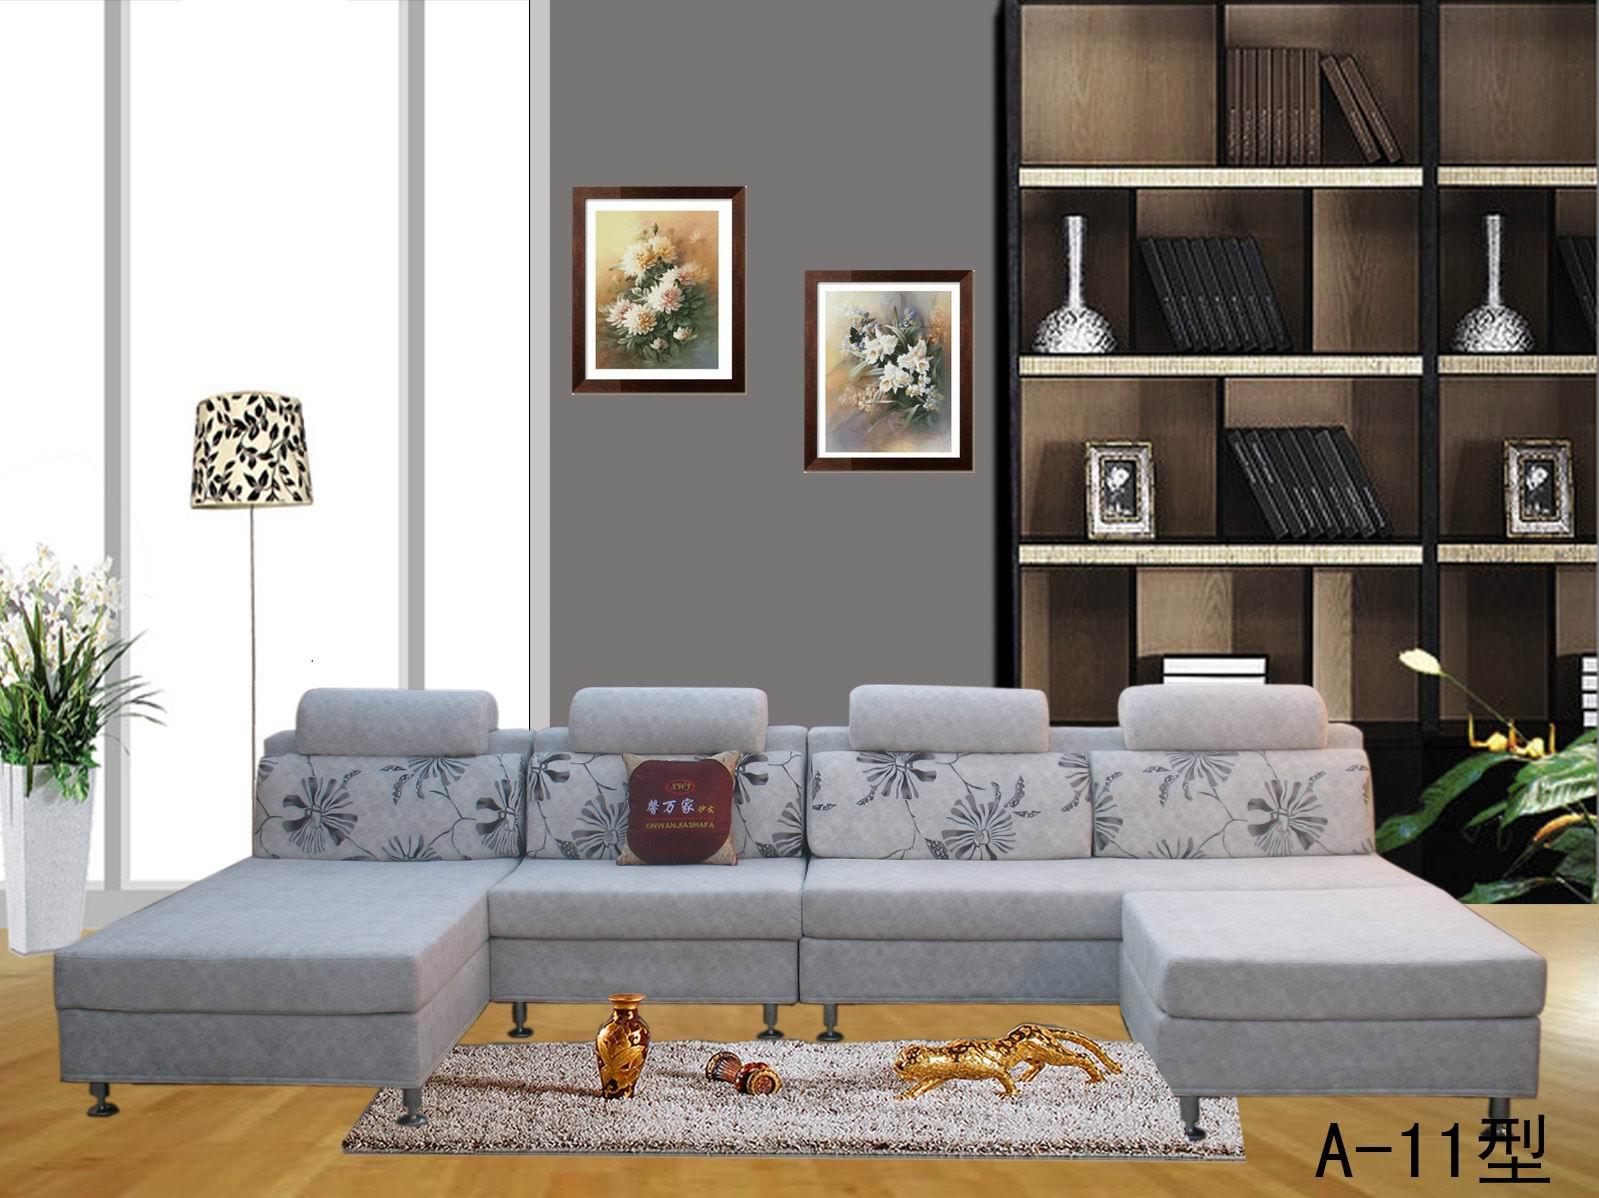 馨万家 布艺沙发 A-11